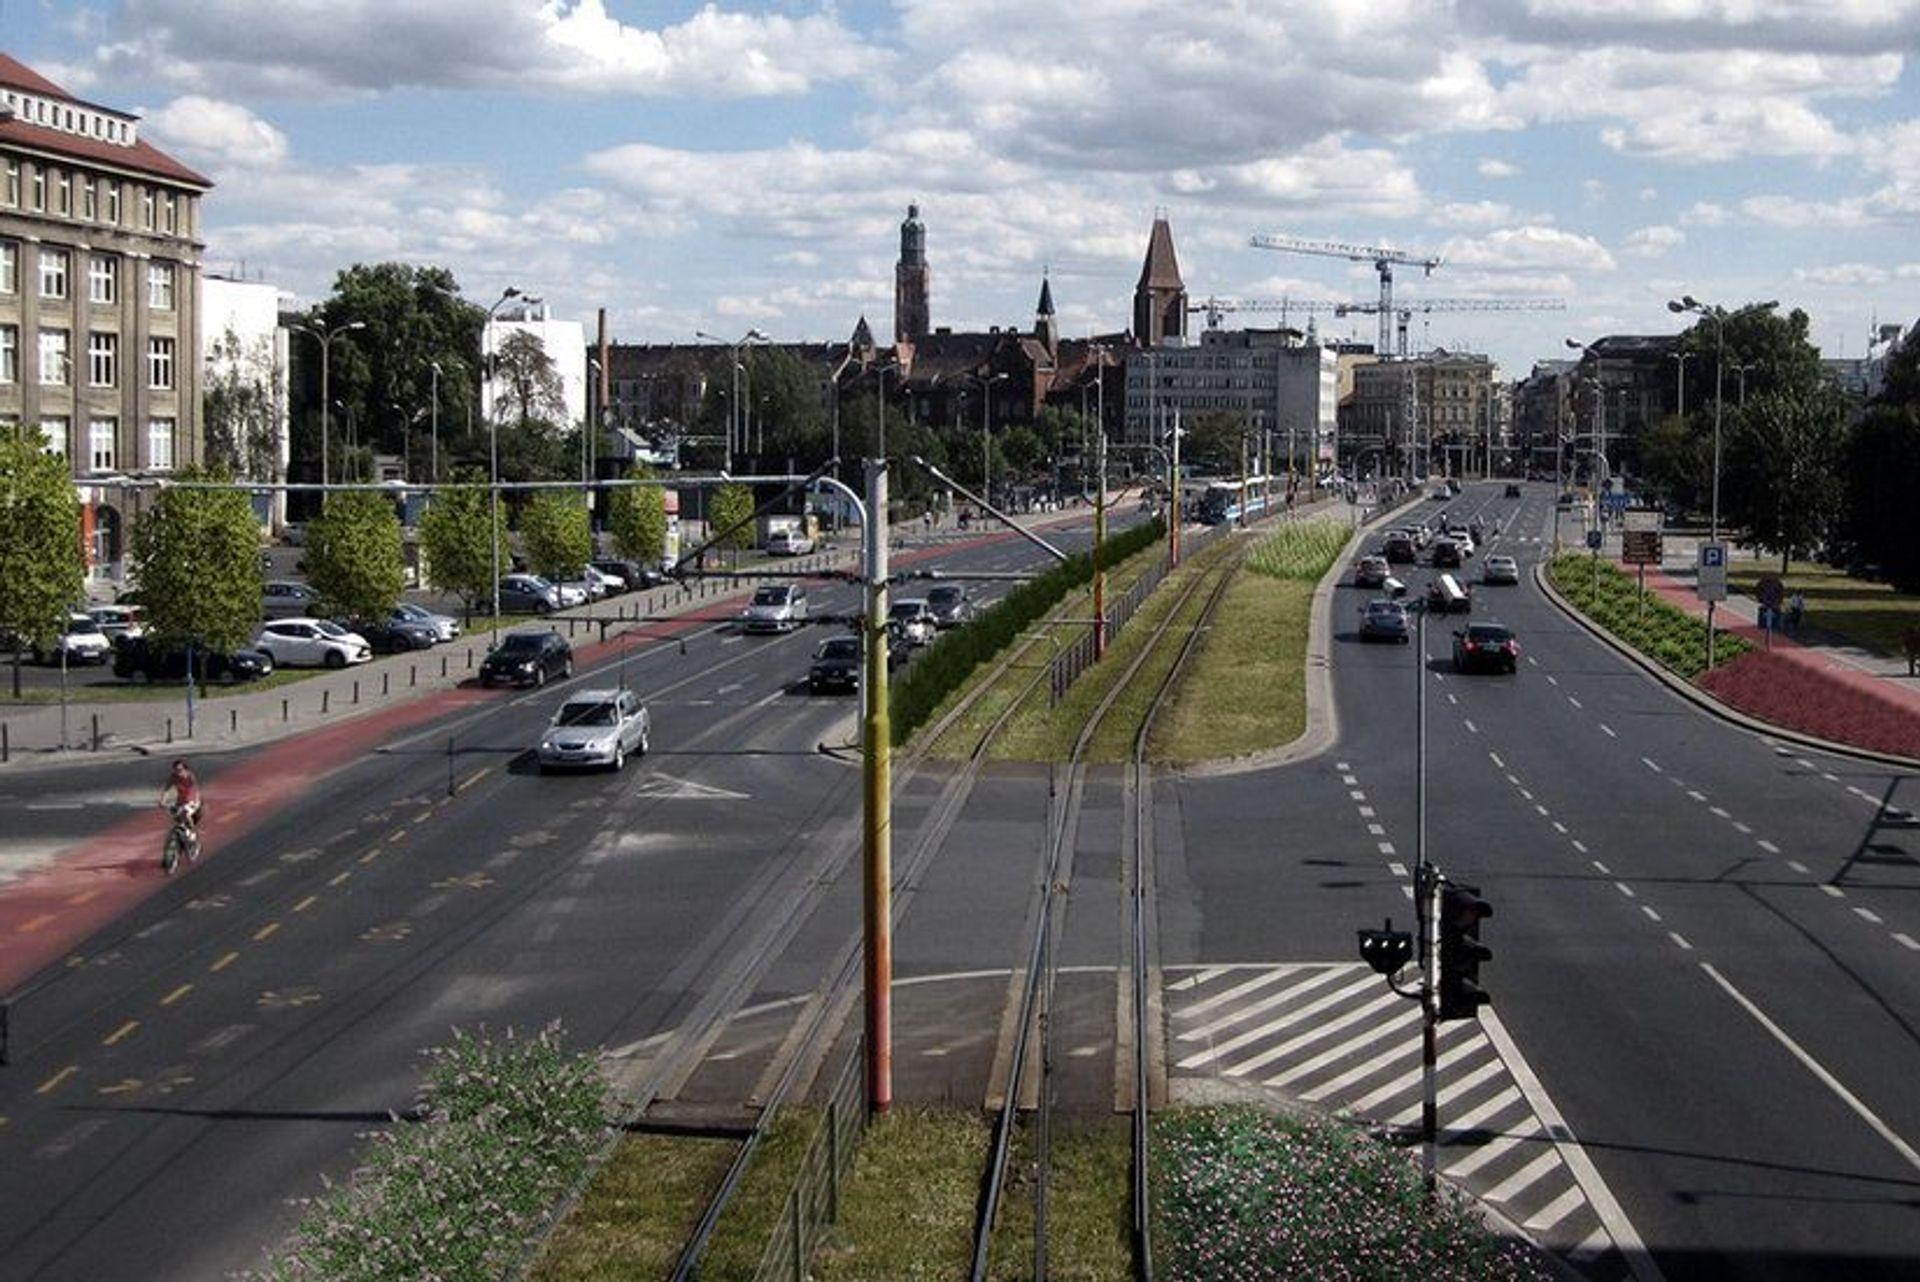 [Wrocław] Komunikacja, drogi, rewitalizacja i zieleń. Inwestycyjne plany miasta na 2017 rok